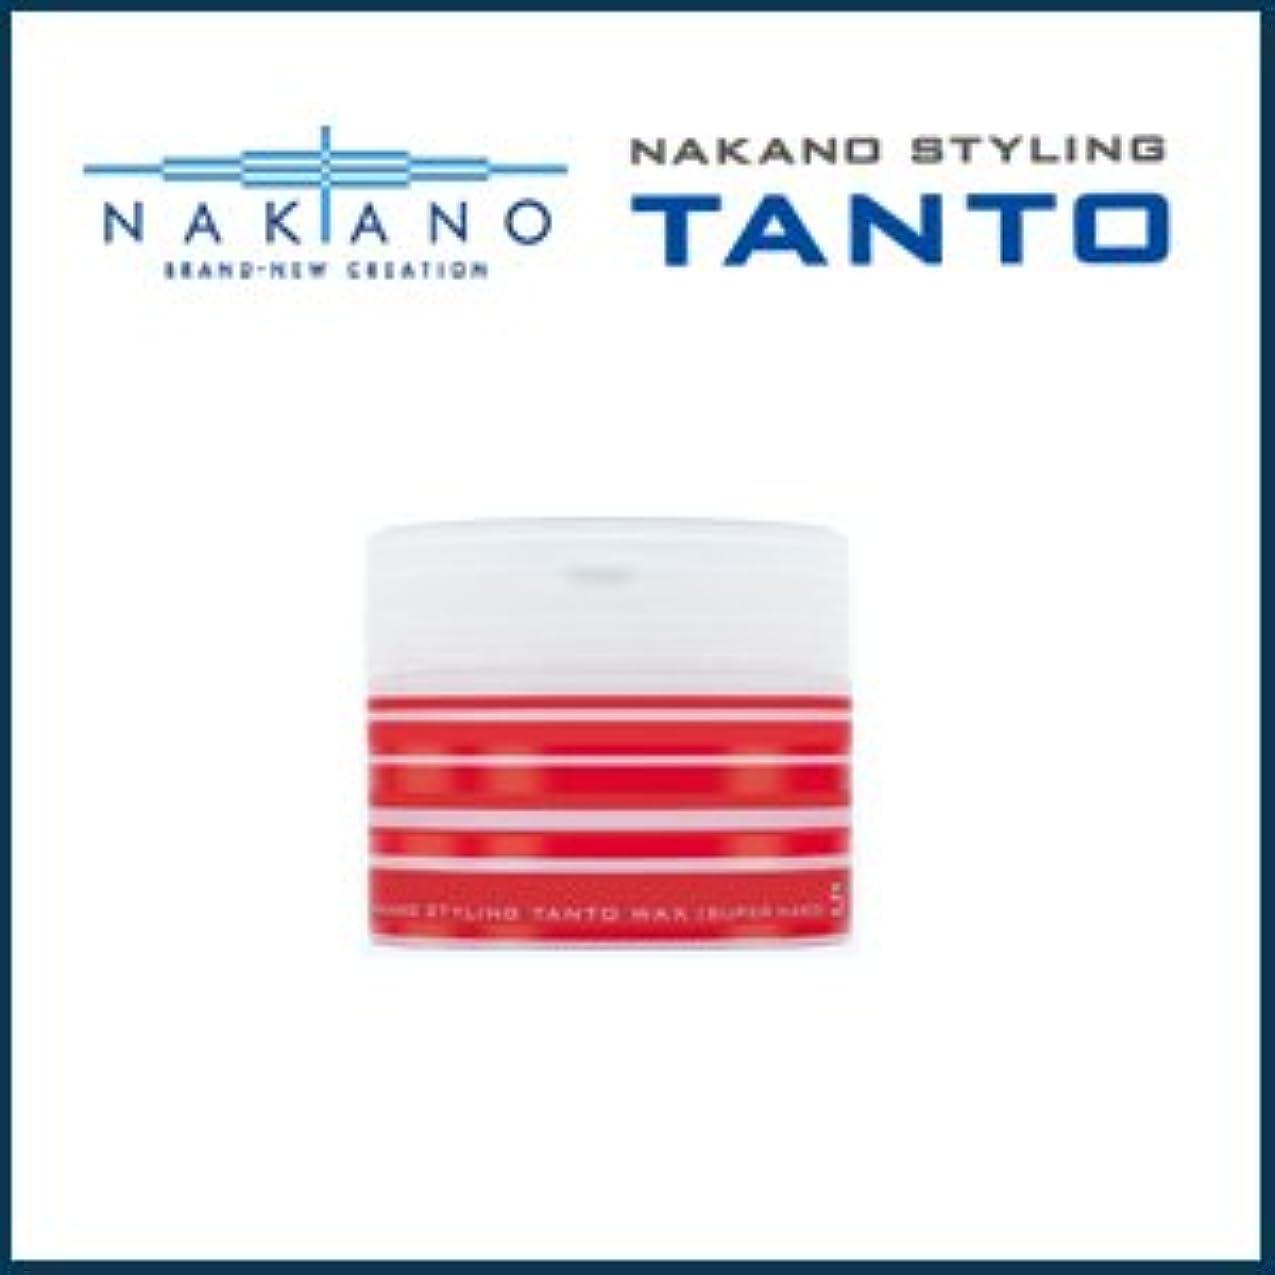 哲学者フラップ刺激するナカノ タント Nワックス 5 スーパーハード 90g 容器入り